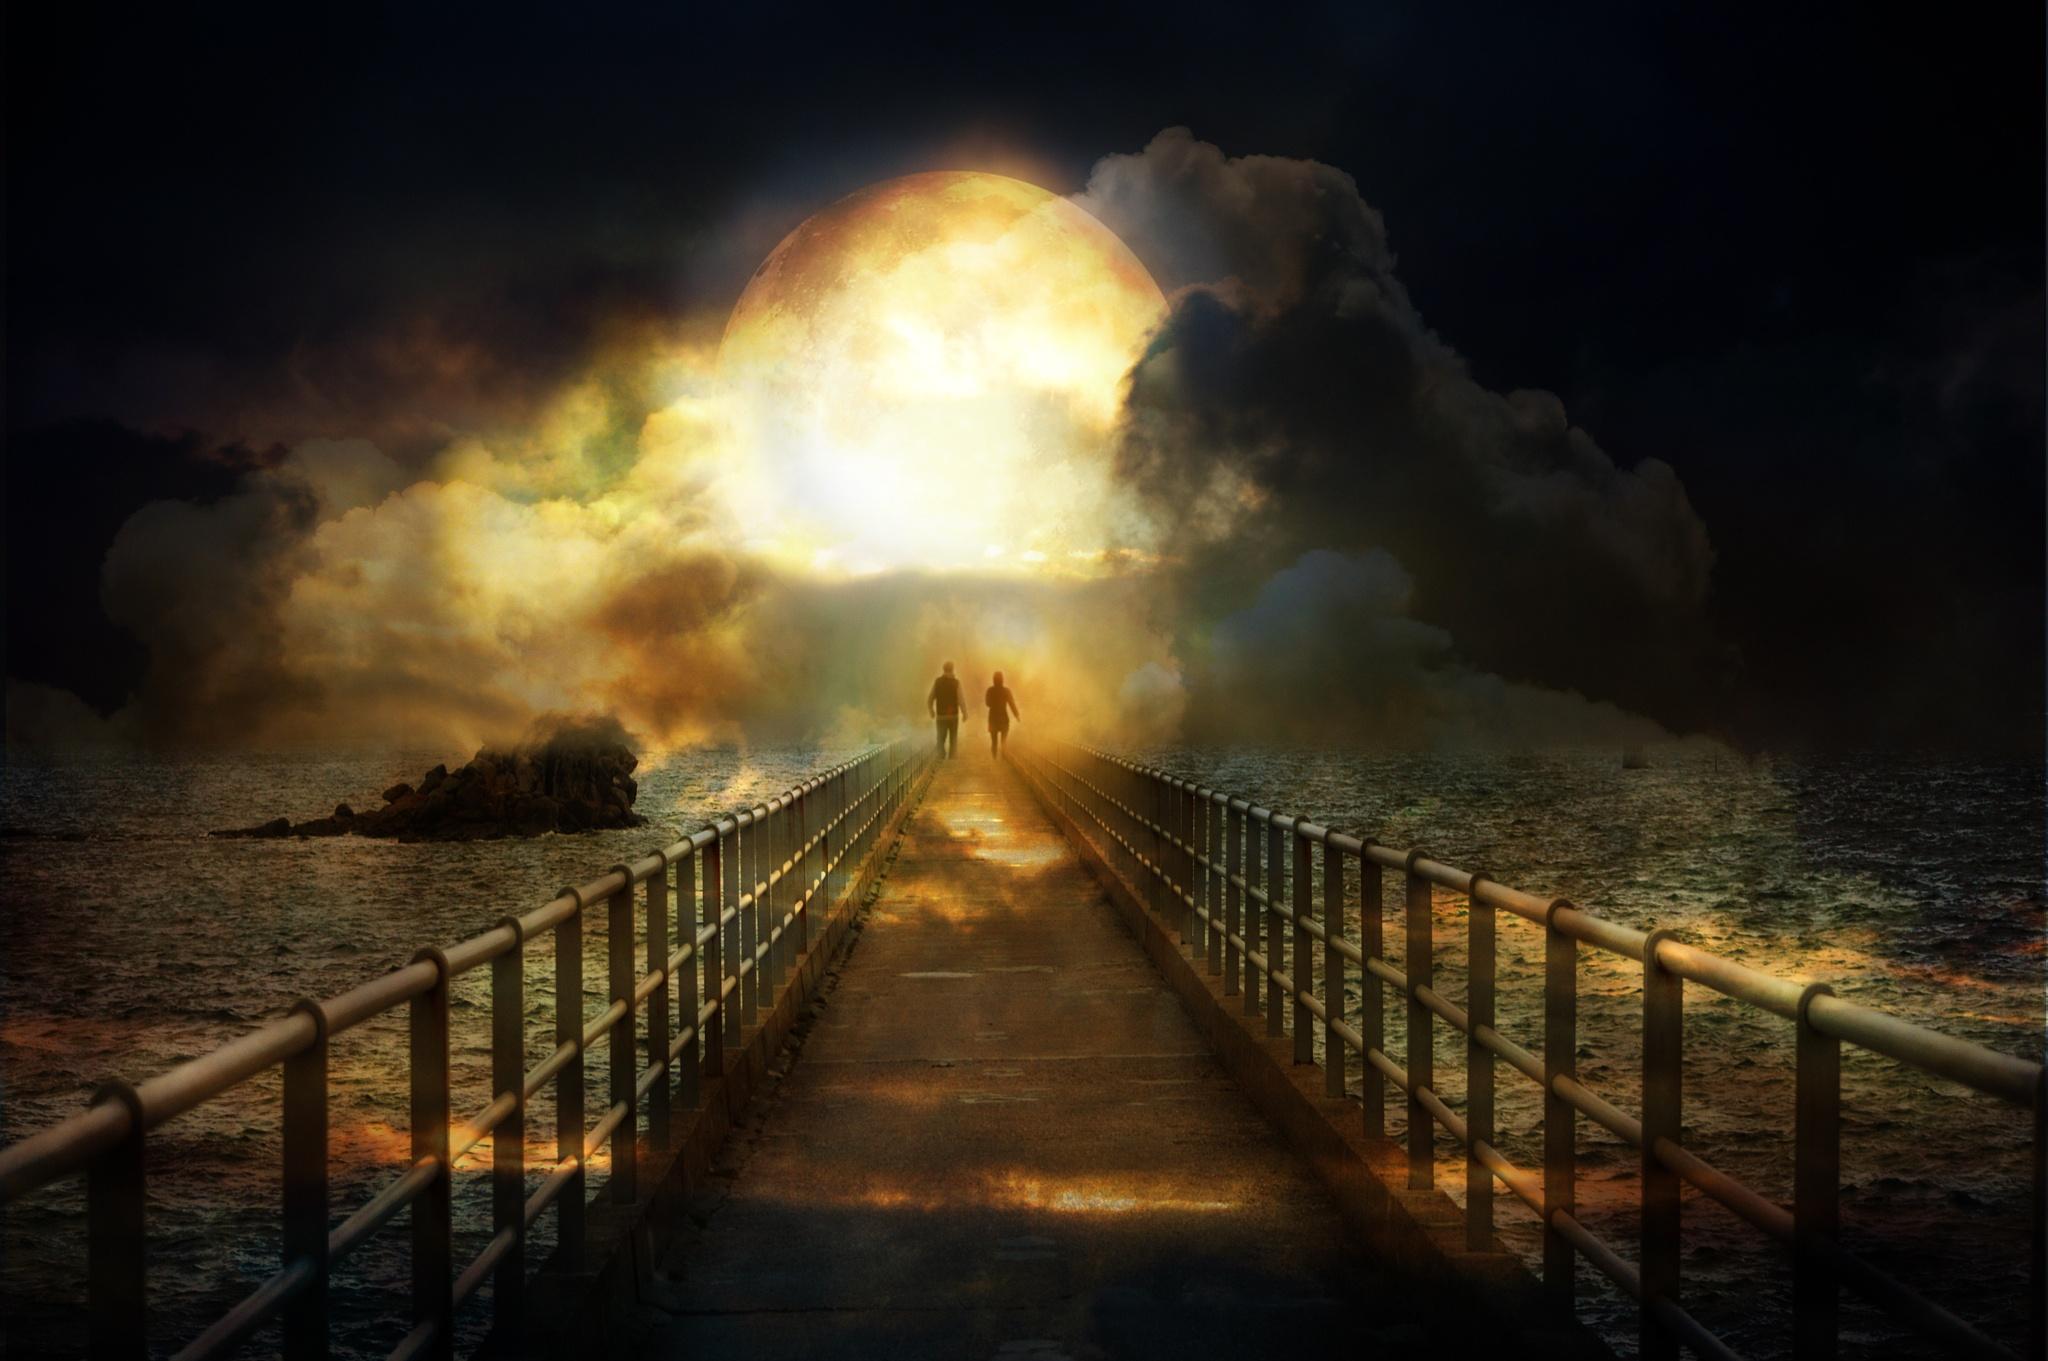 Bridge to the moon by Ludmila Shumilova